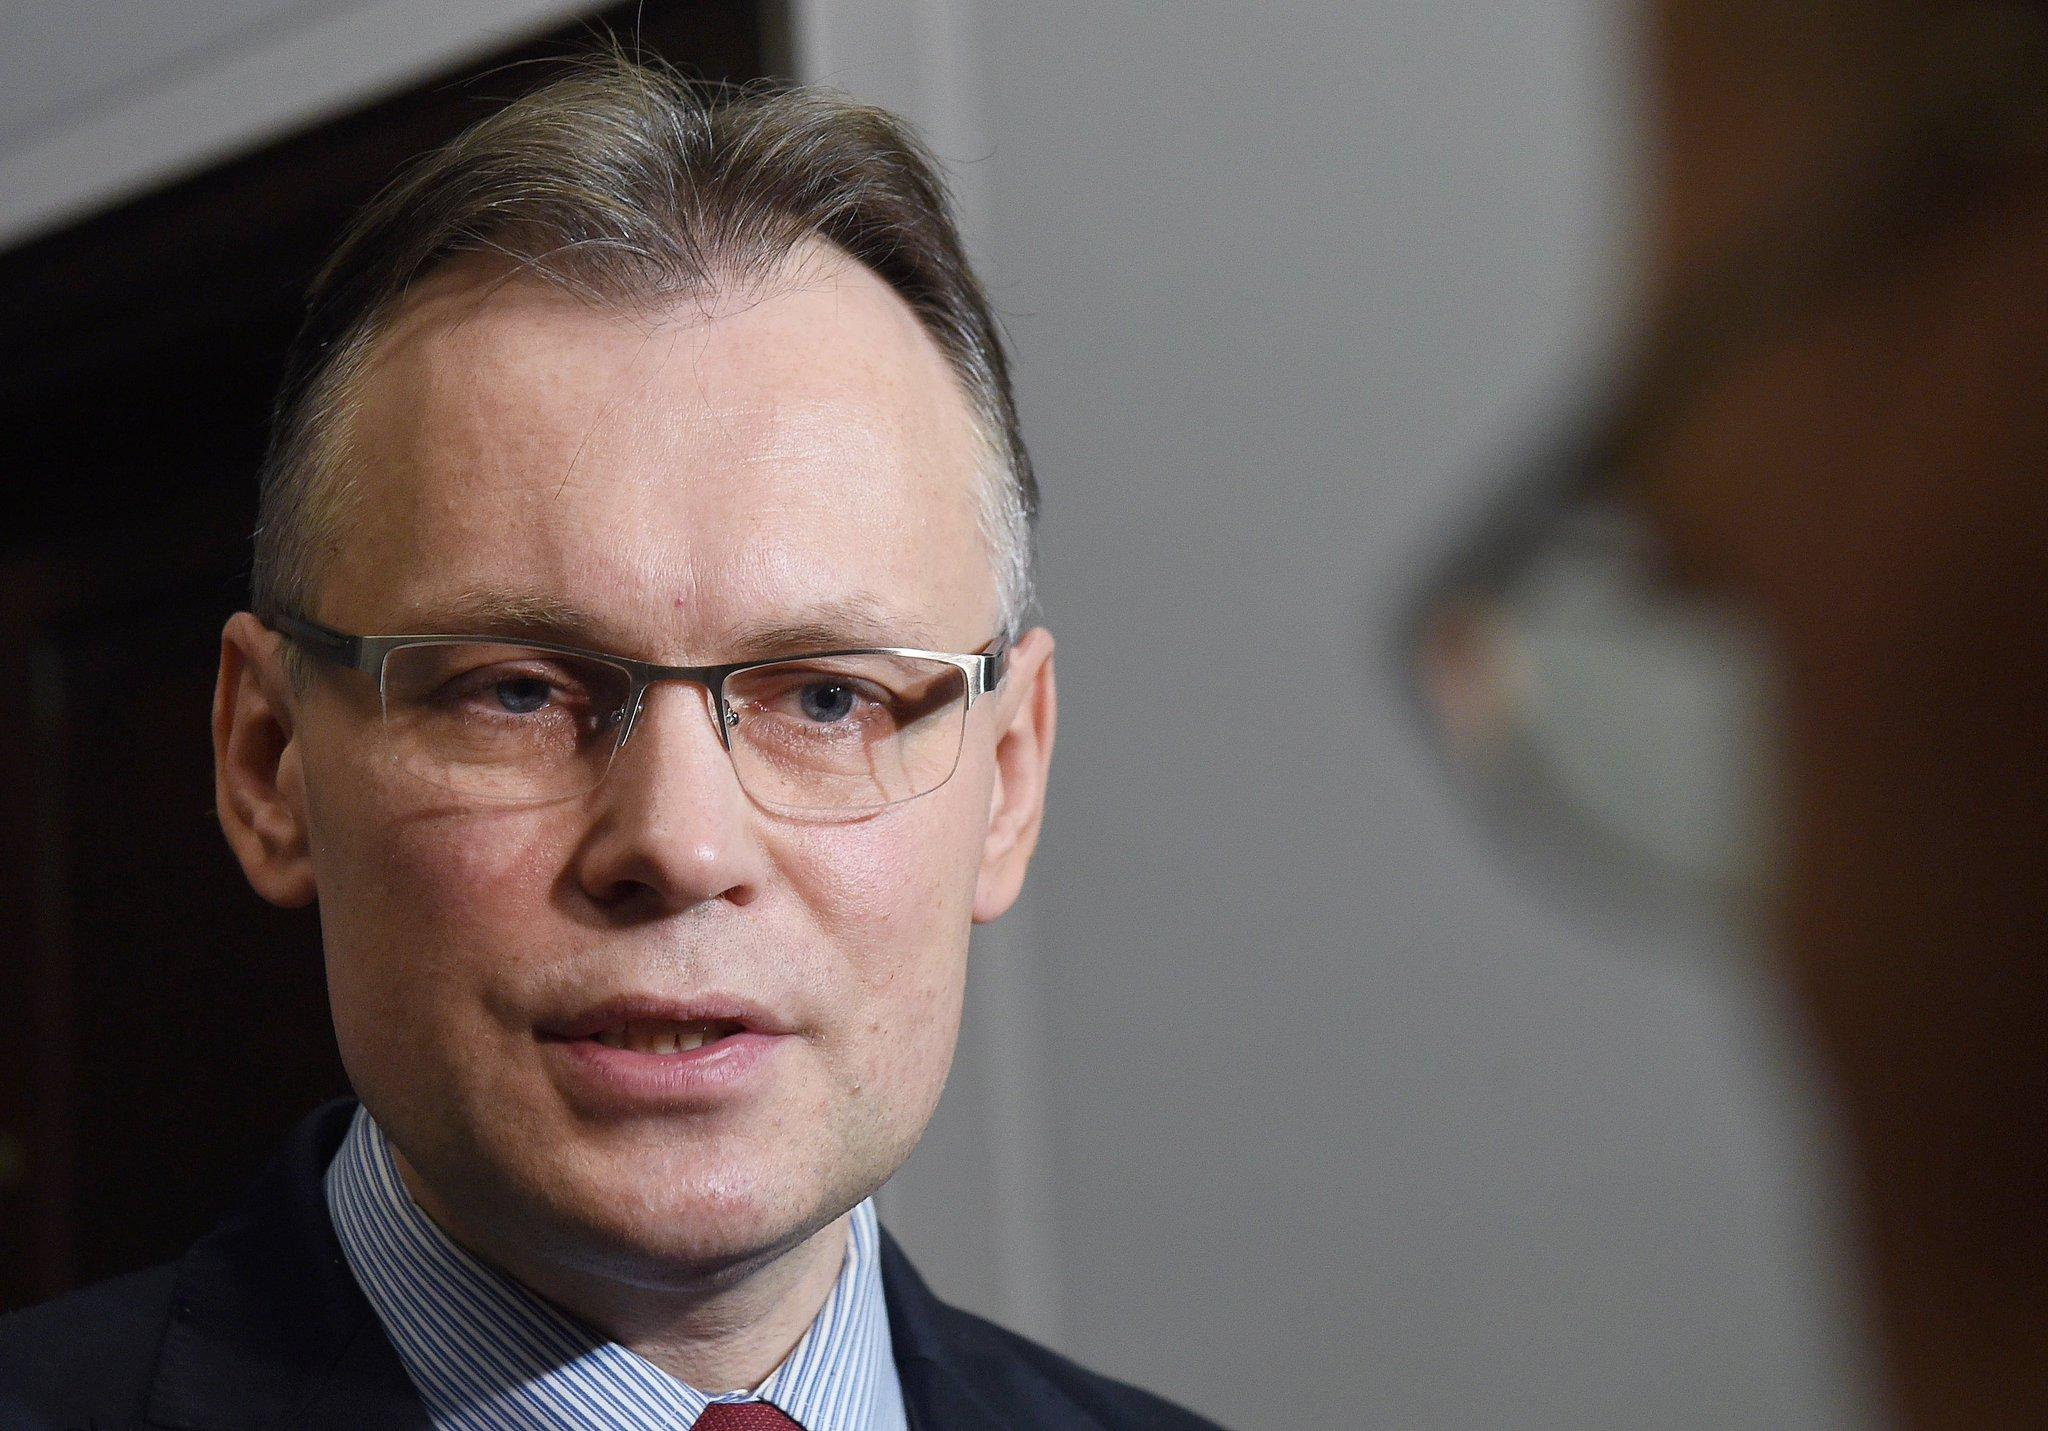 Nie istnieje dokument potwierdzający zrzeczenie się przez Polskę reparacji wojennych.